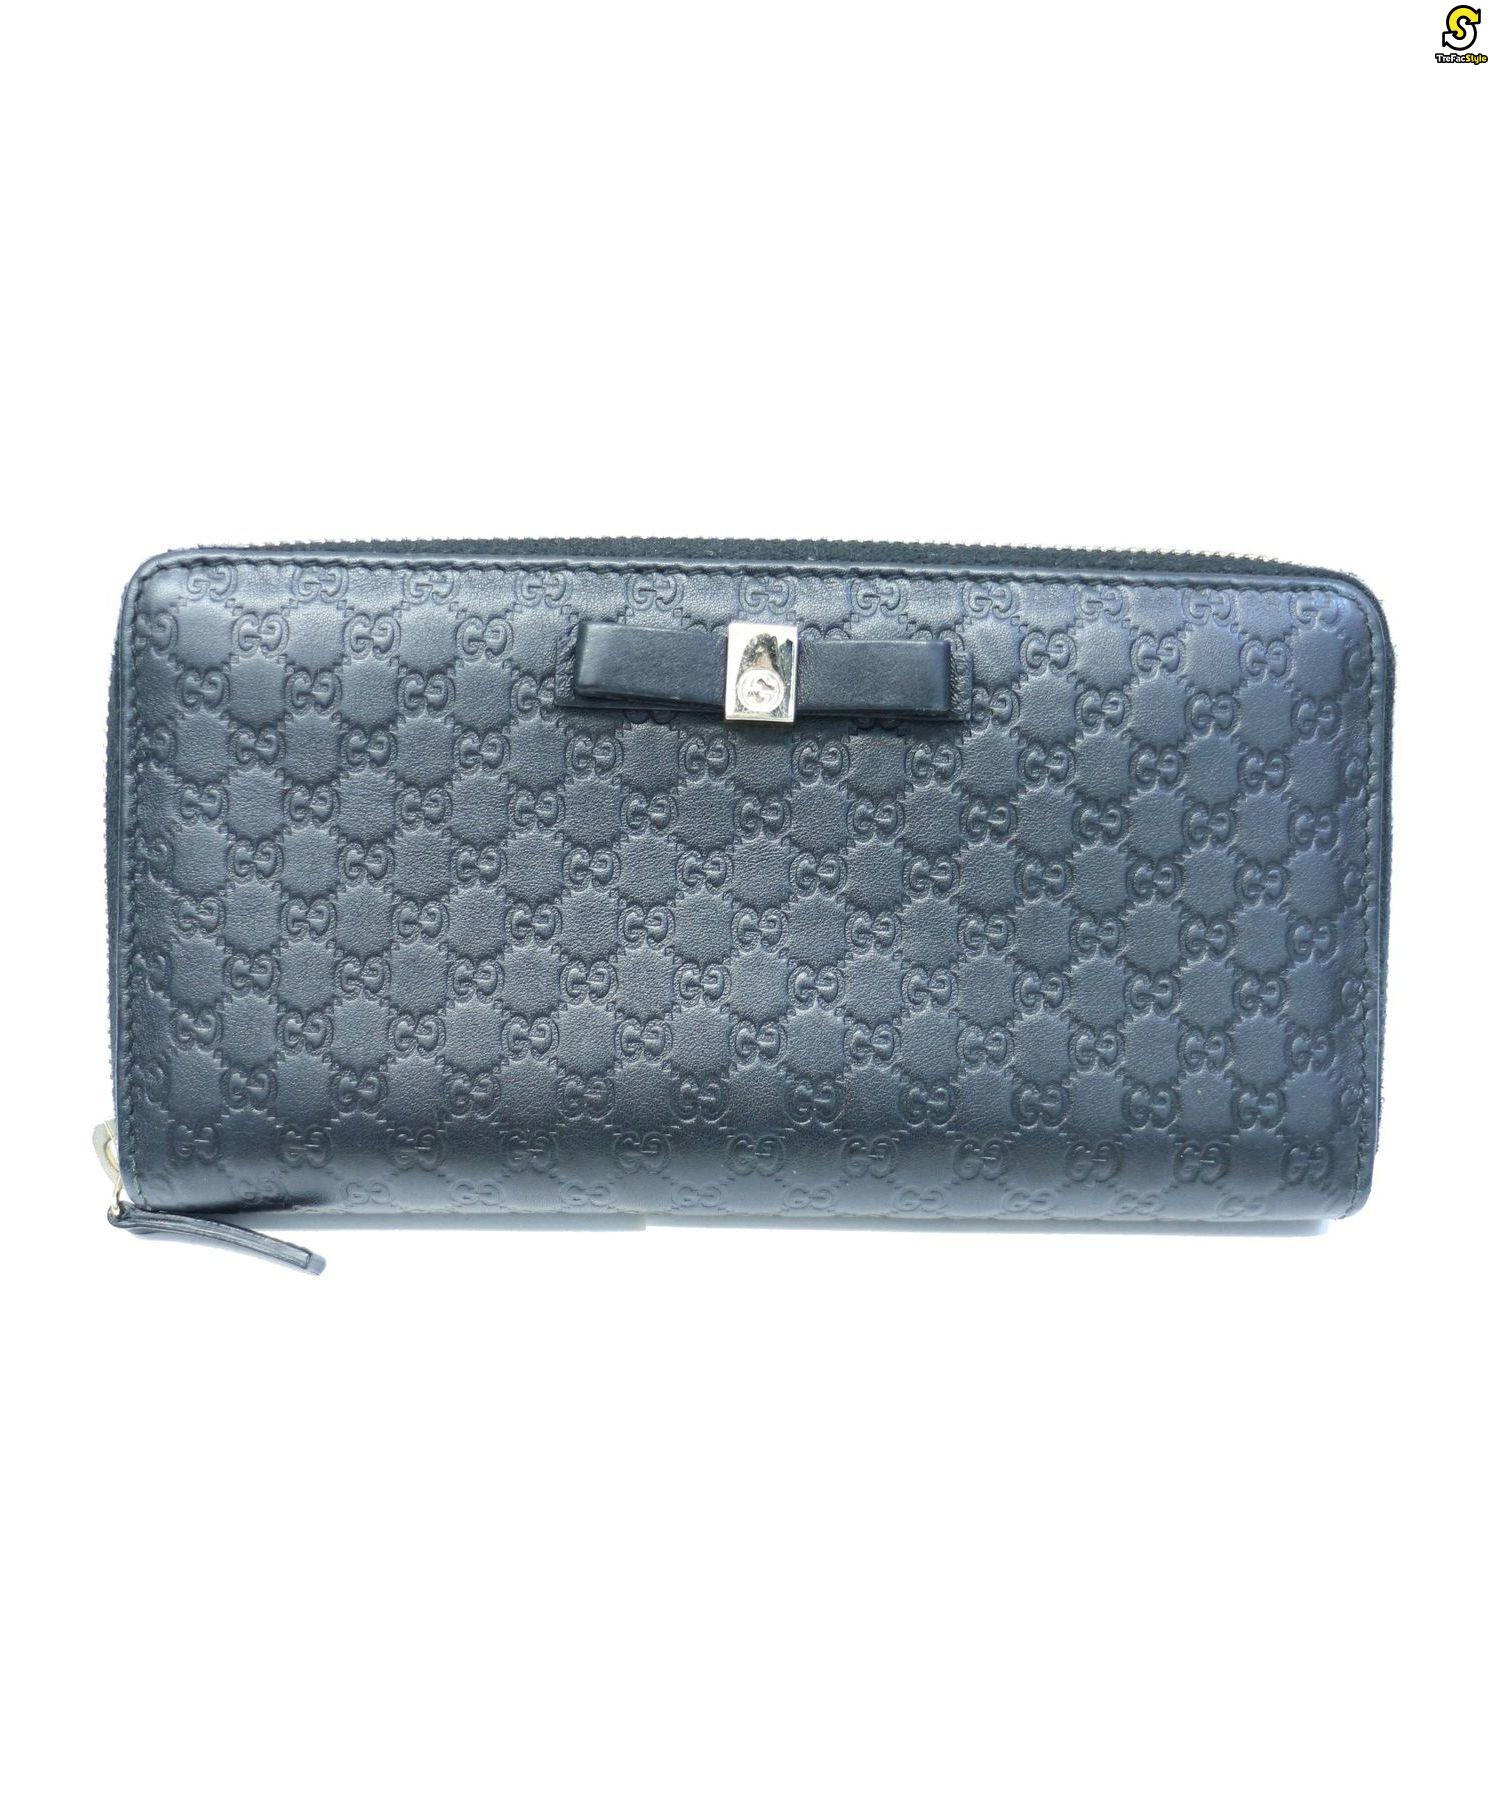 quality design 06672 f0c03 [中古]GUCCI(グッチ)のレディース 服飾小物 ラウンドファスナー財布